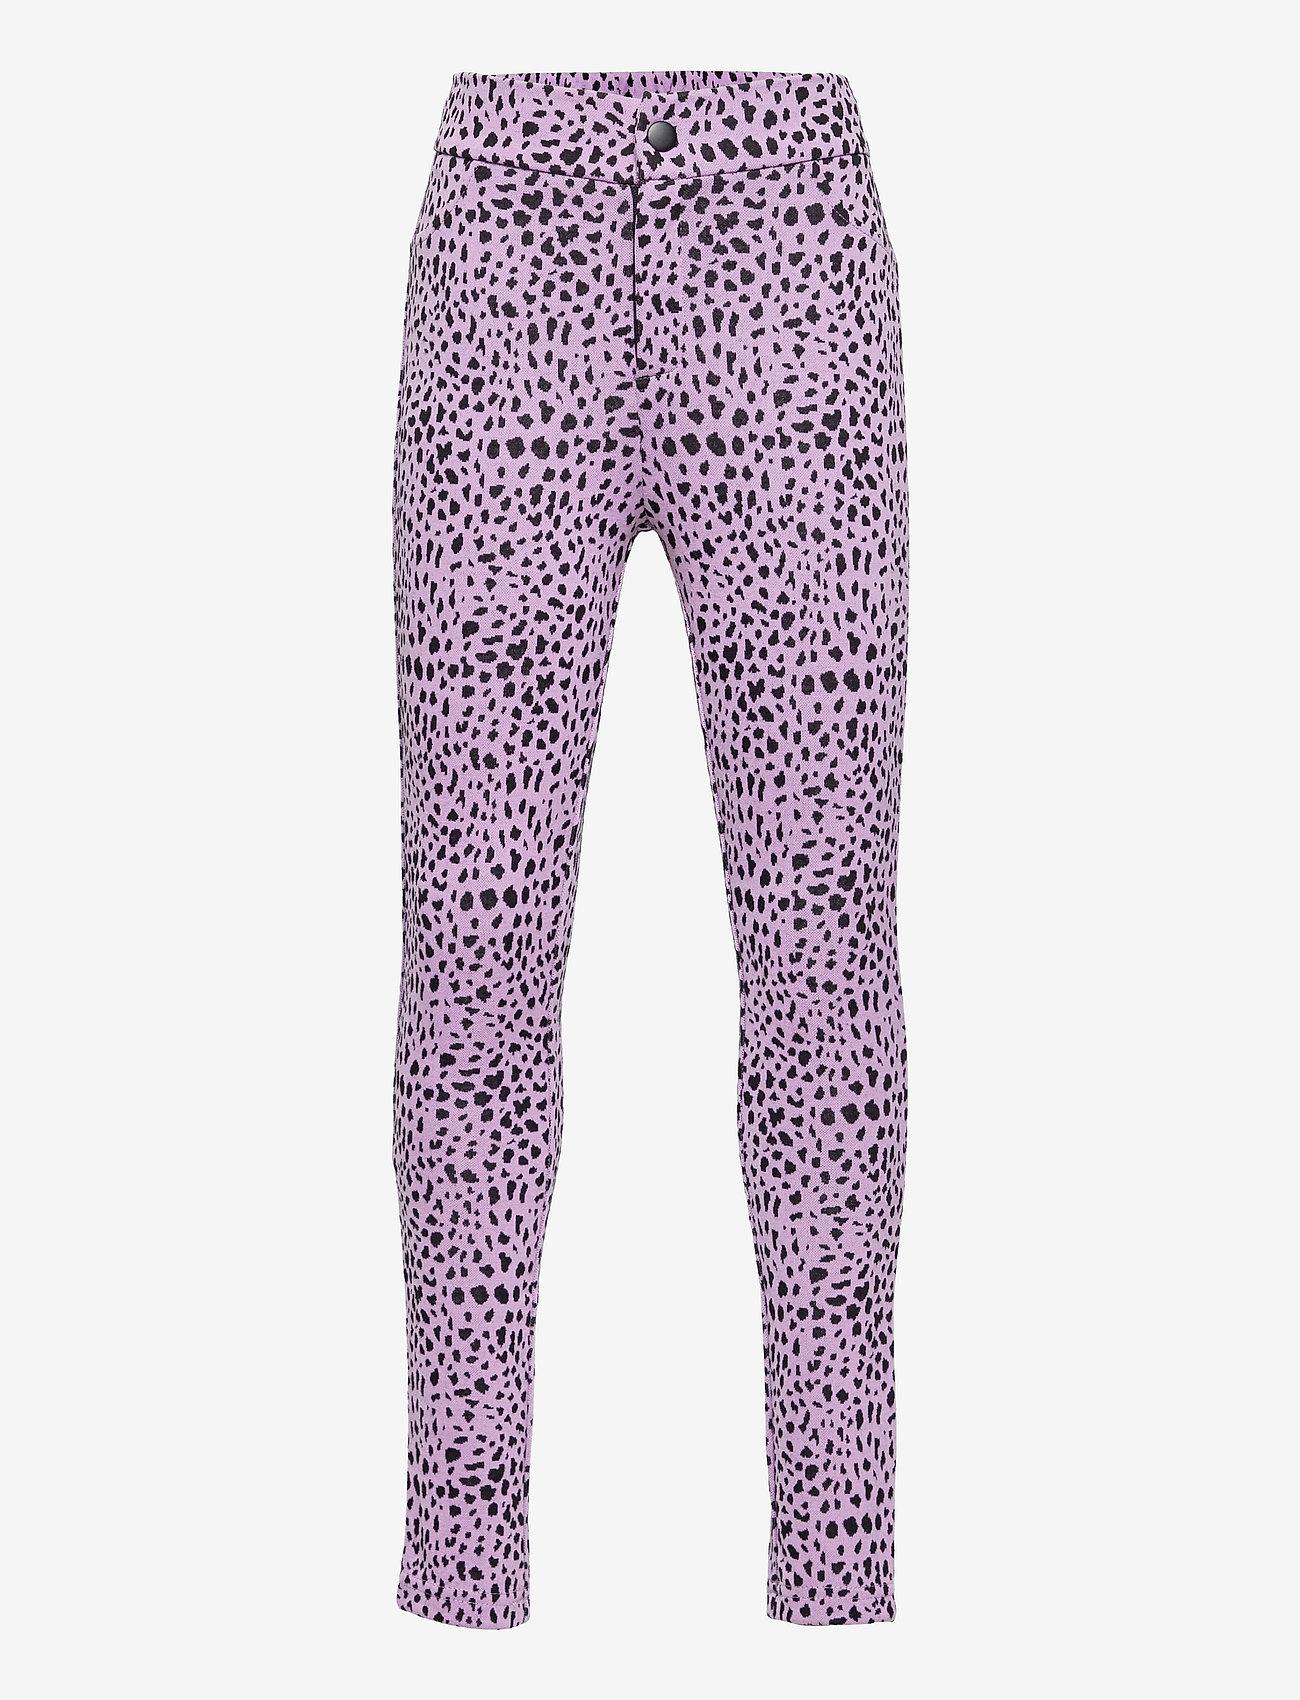 Kids Only - KONCRYSTAL PANTS CS JRS - leggings - orchid bloom - 0